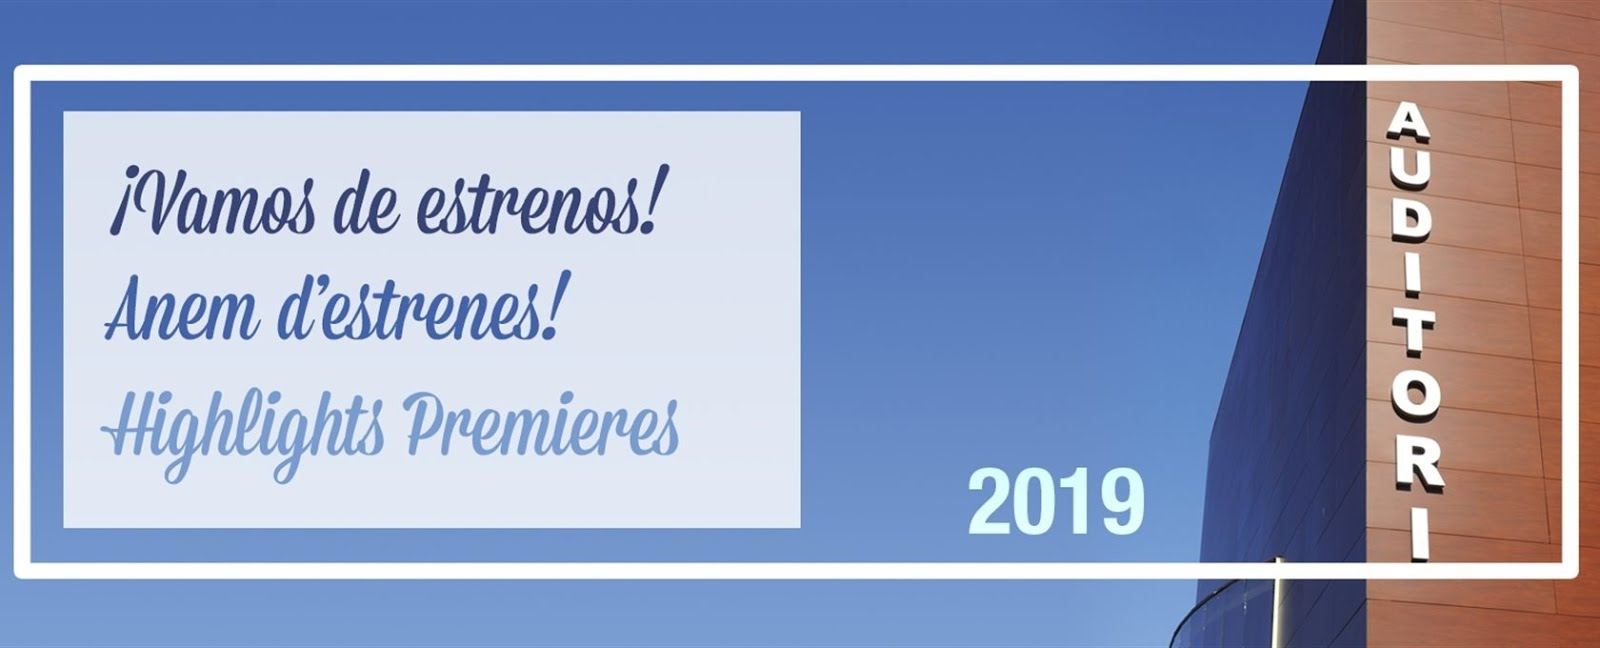 2019: ARRANQUE CON ESTRENOS